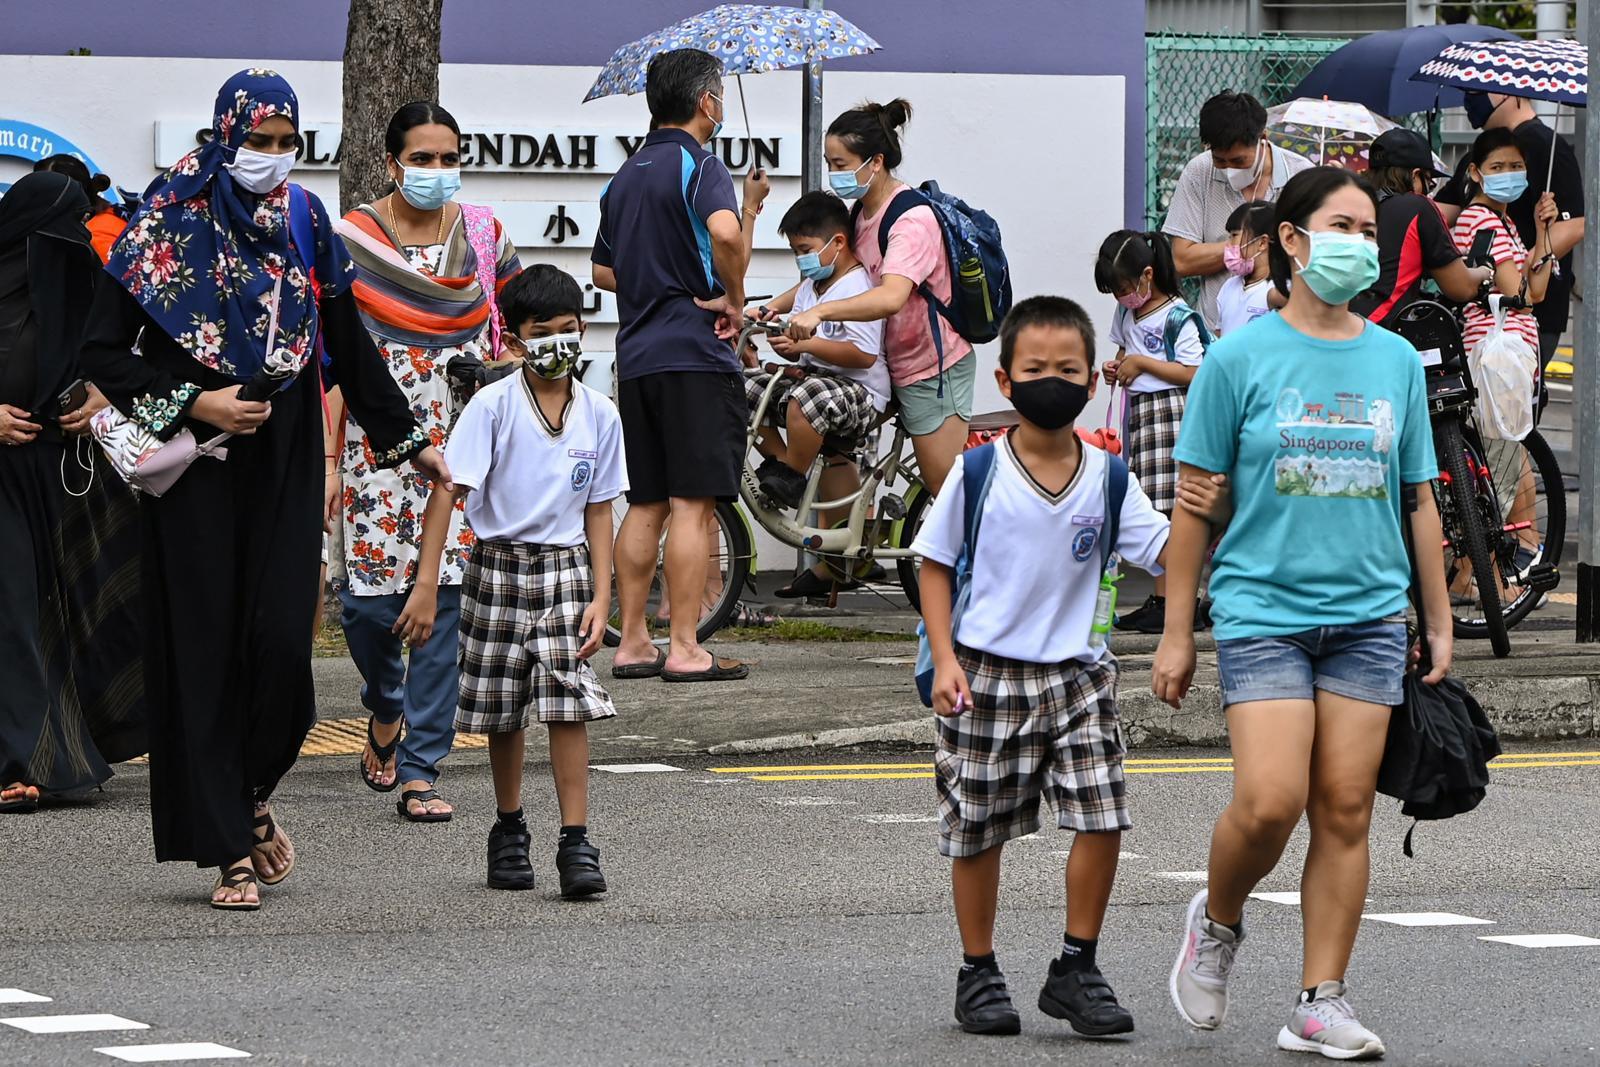 สิงคโปร์ เล็งเปิดเดินทางไม่ต้องกักตัว คาดฉีดวัคซีน ปชช.ครอบคลุม 80% ก.ย.นี้